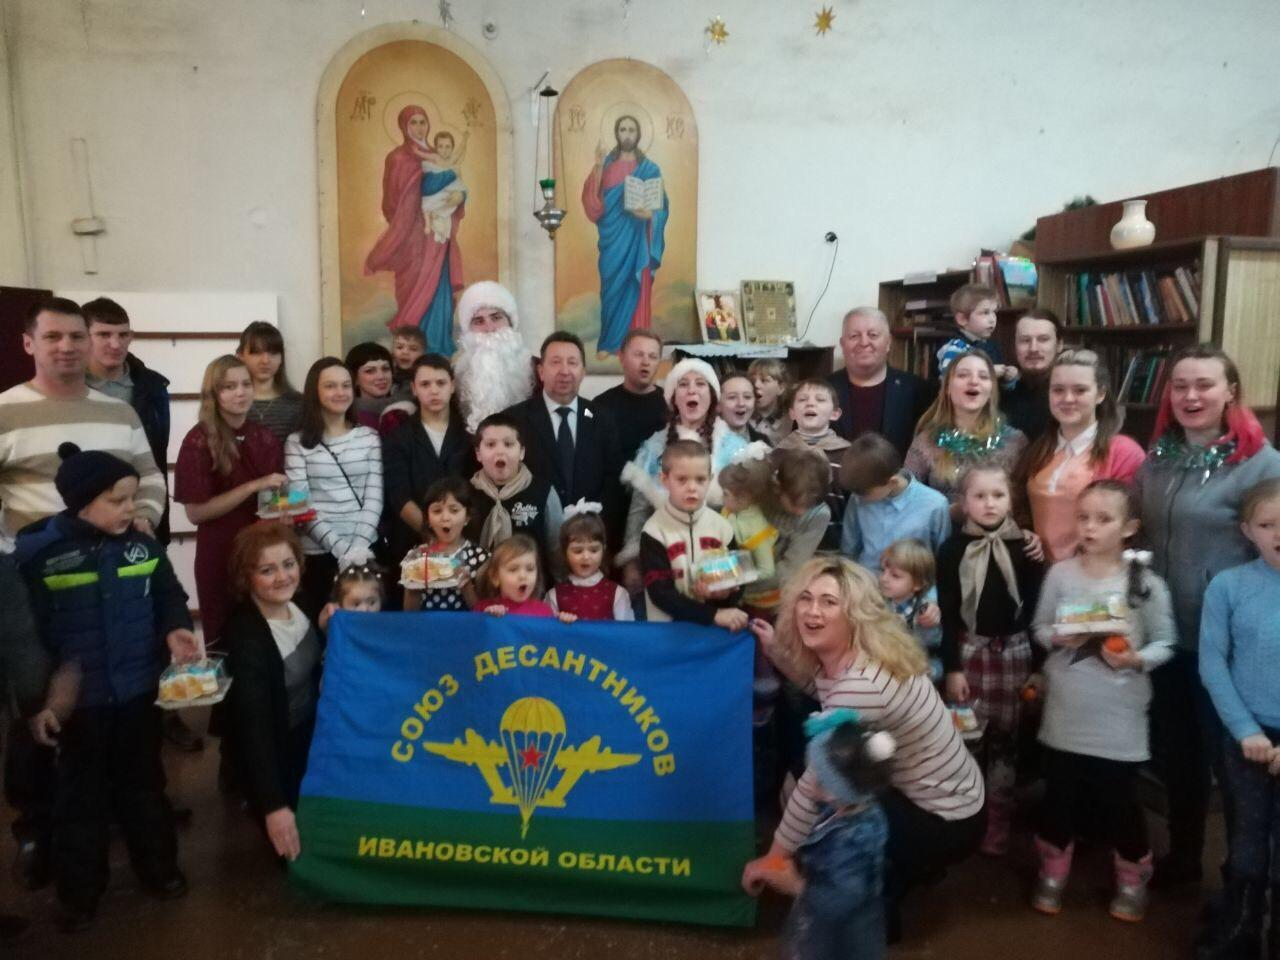 Приближаются Новогодние праздники - любимое время взрослых и детей